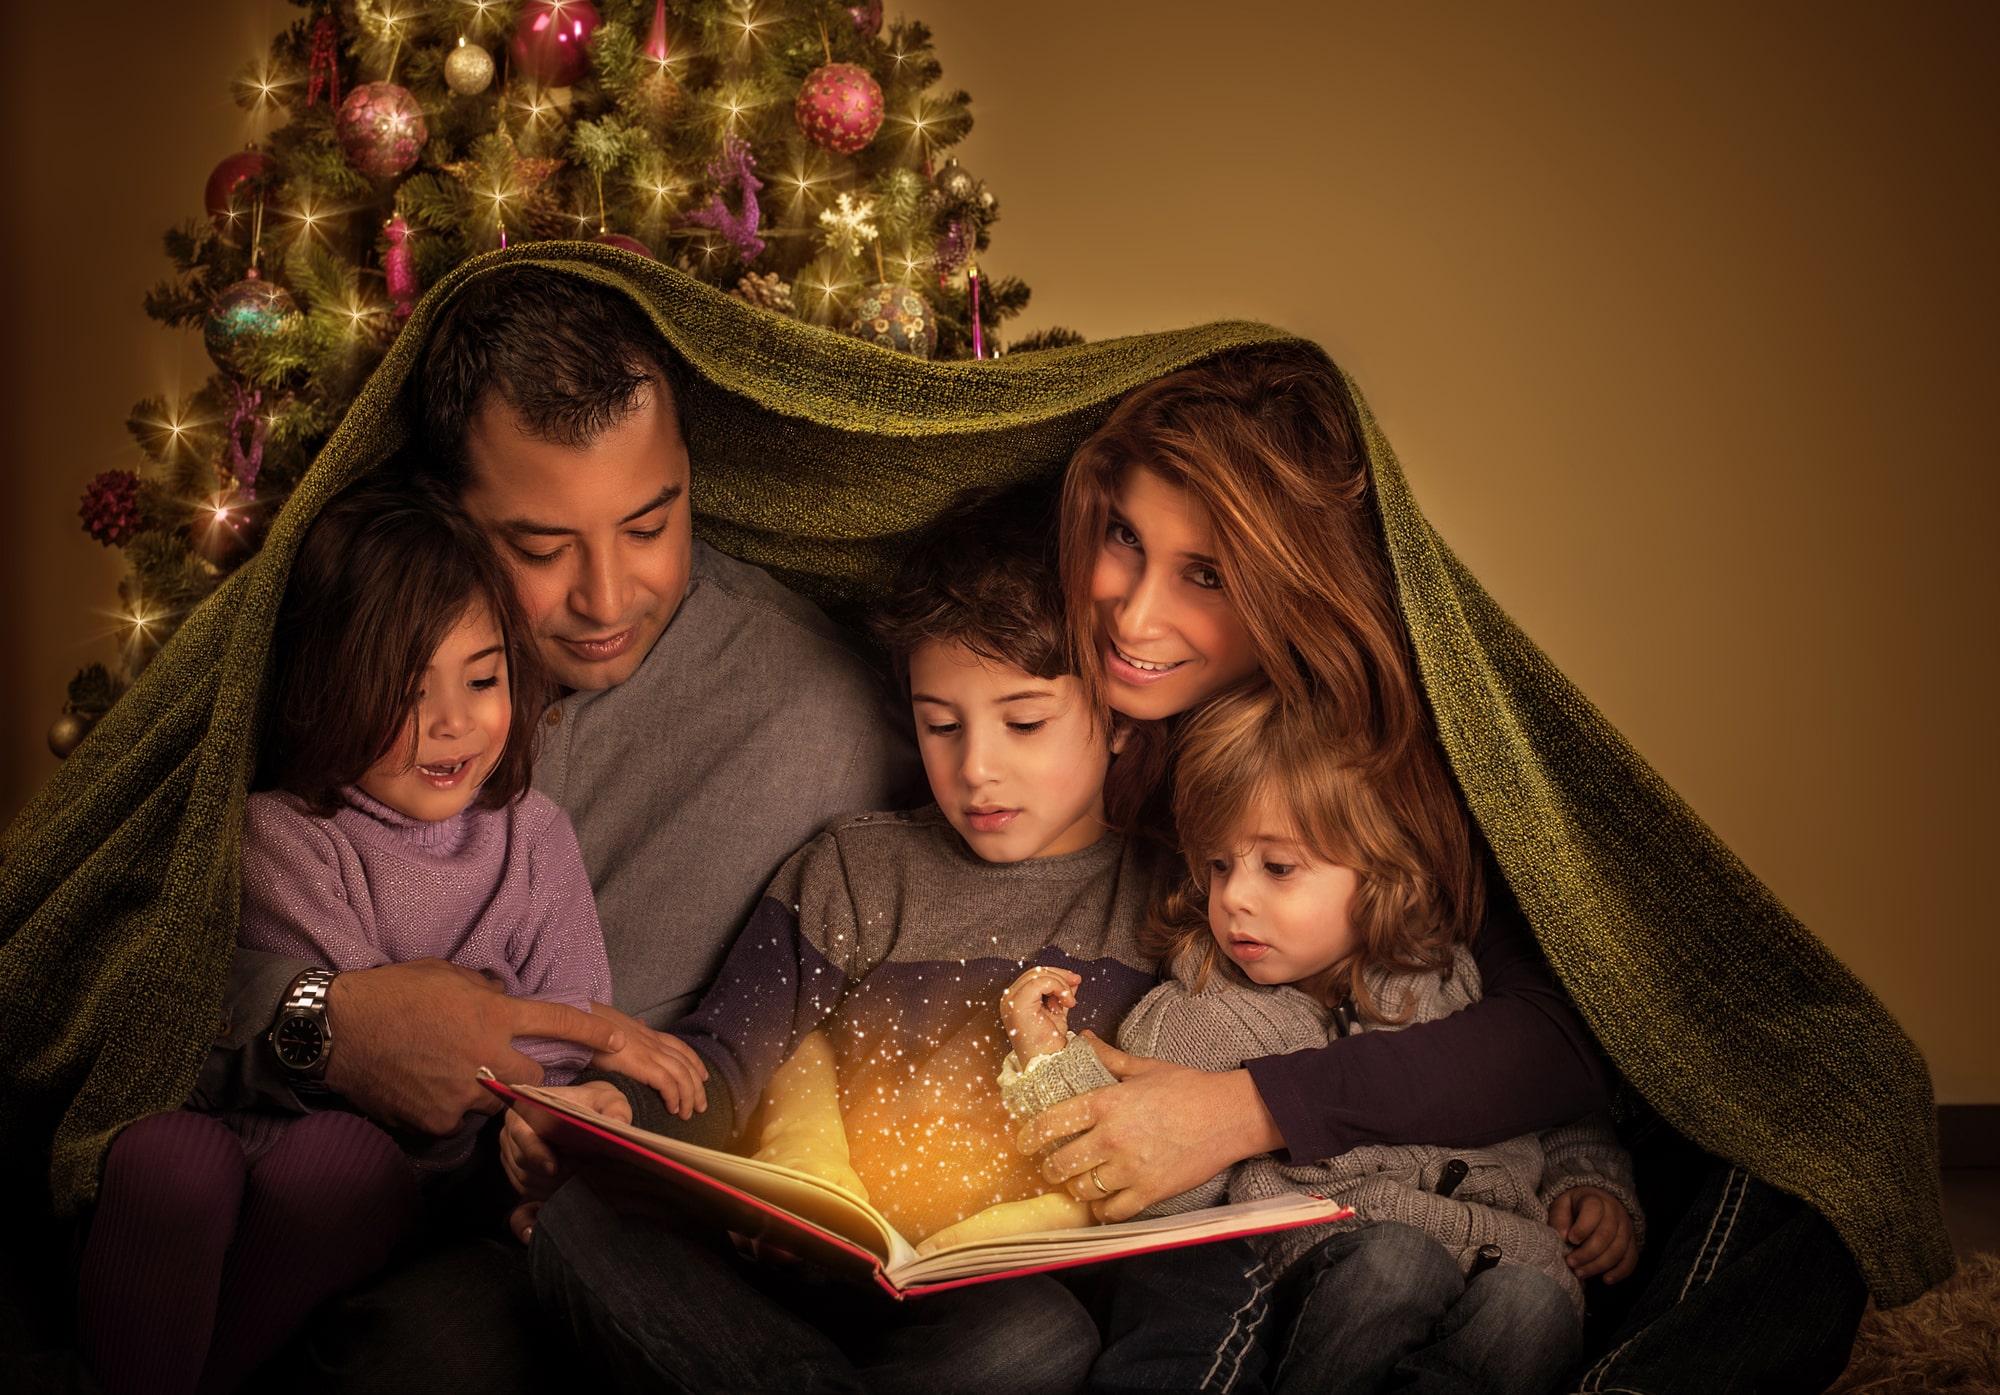 Weihnachtsgeschichten 26 Kurze Lustige Erzählungen Für